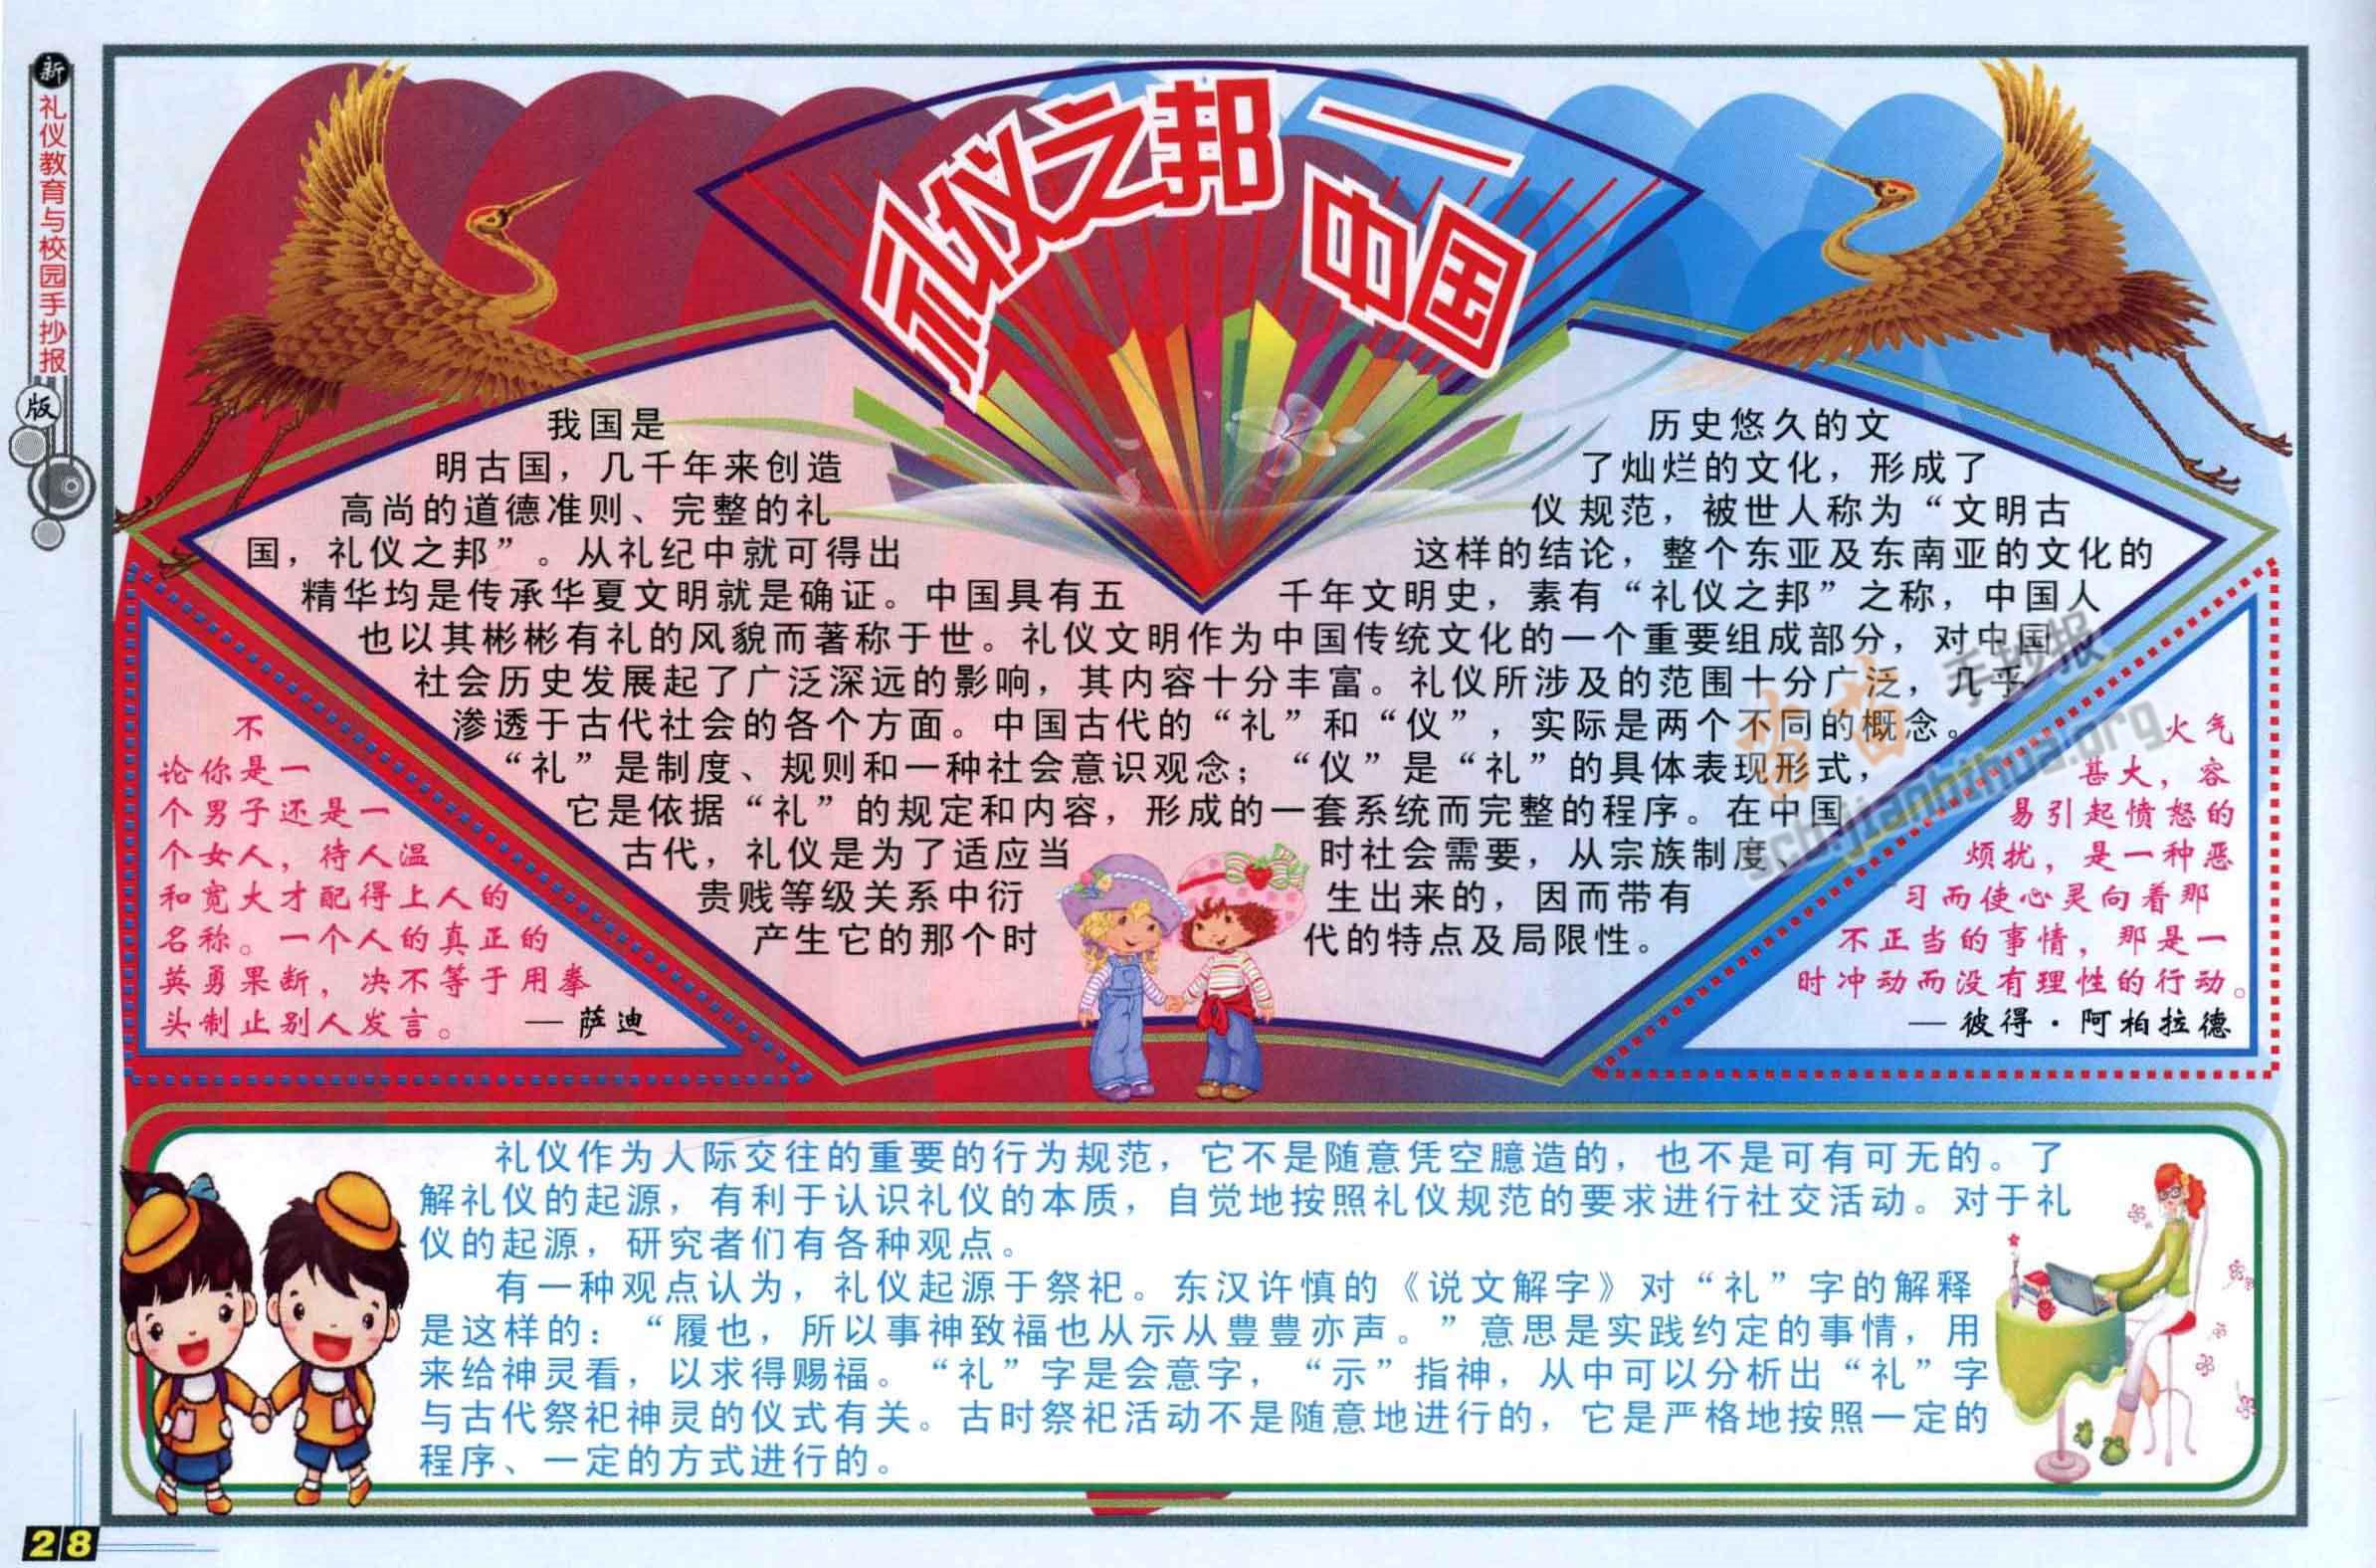 中国礼仪之邦手抄报内容